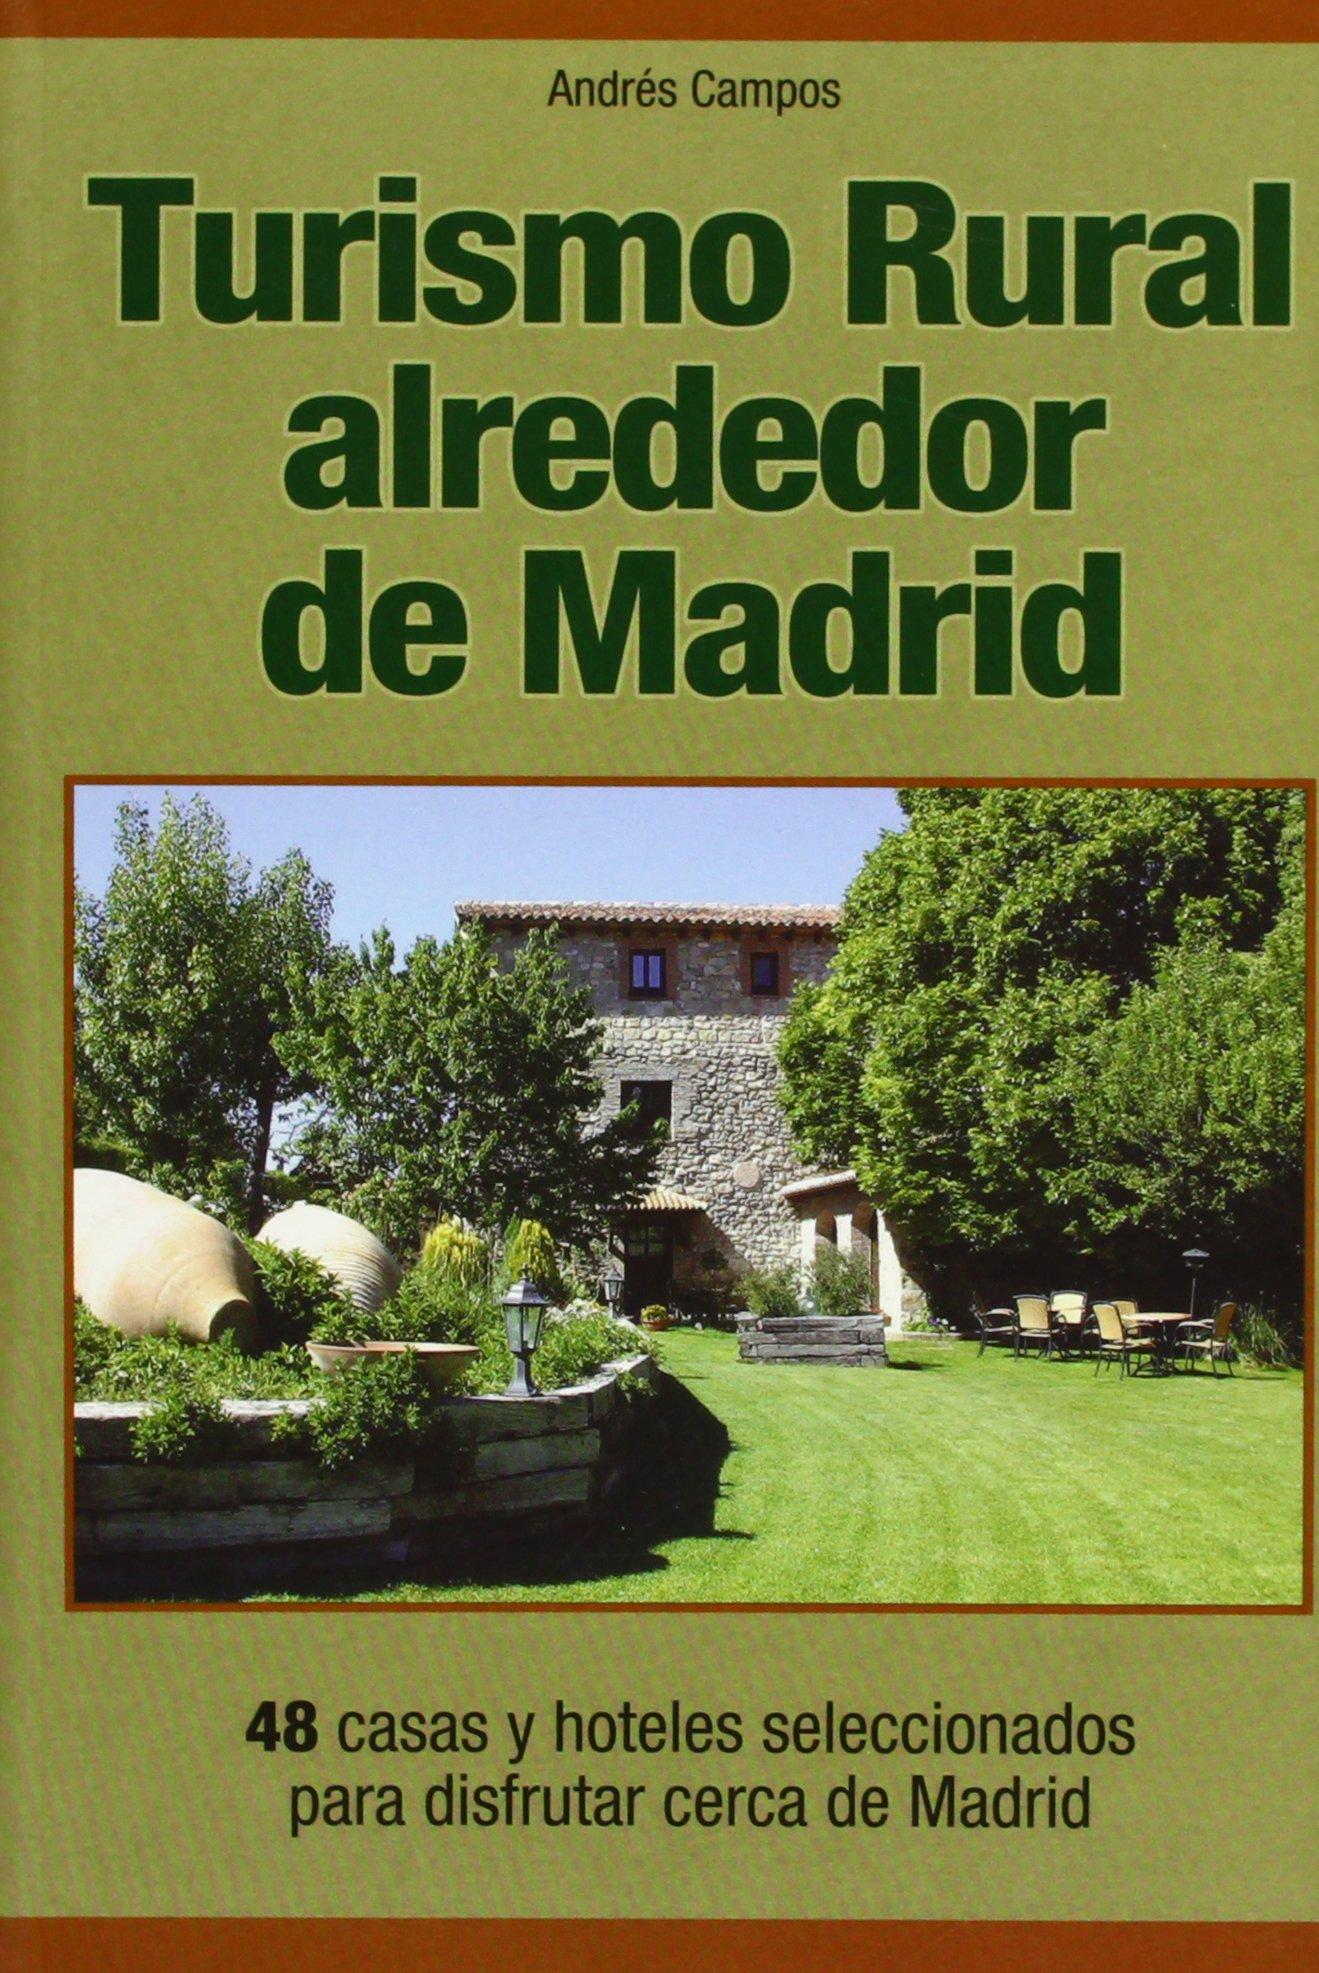 Turismo alrededor de Madrid: 48 casas y hoteles seleccionados para disfrutar cerca de Madrid [Oct 01, 2007] Campos, Andrés pdf